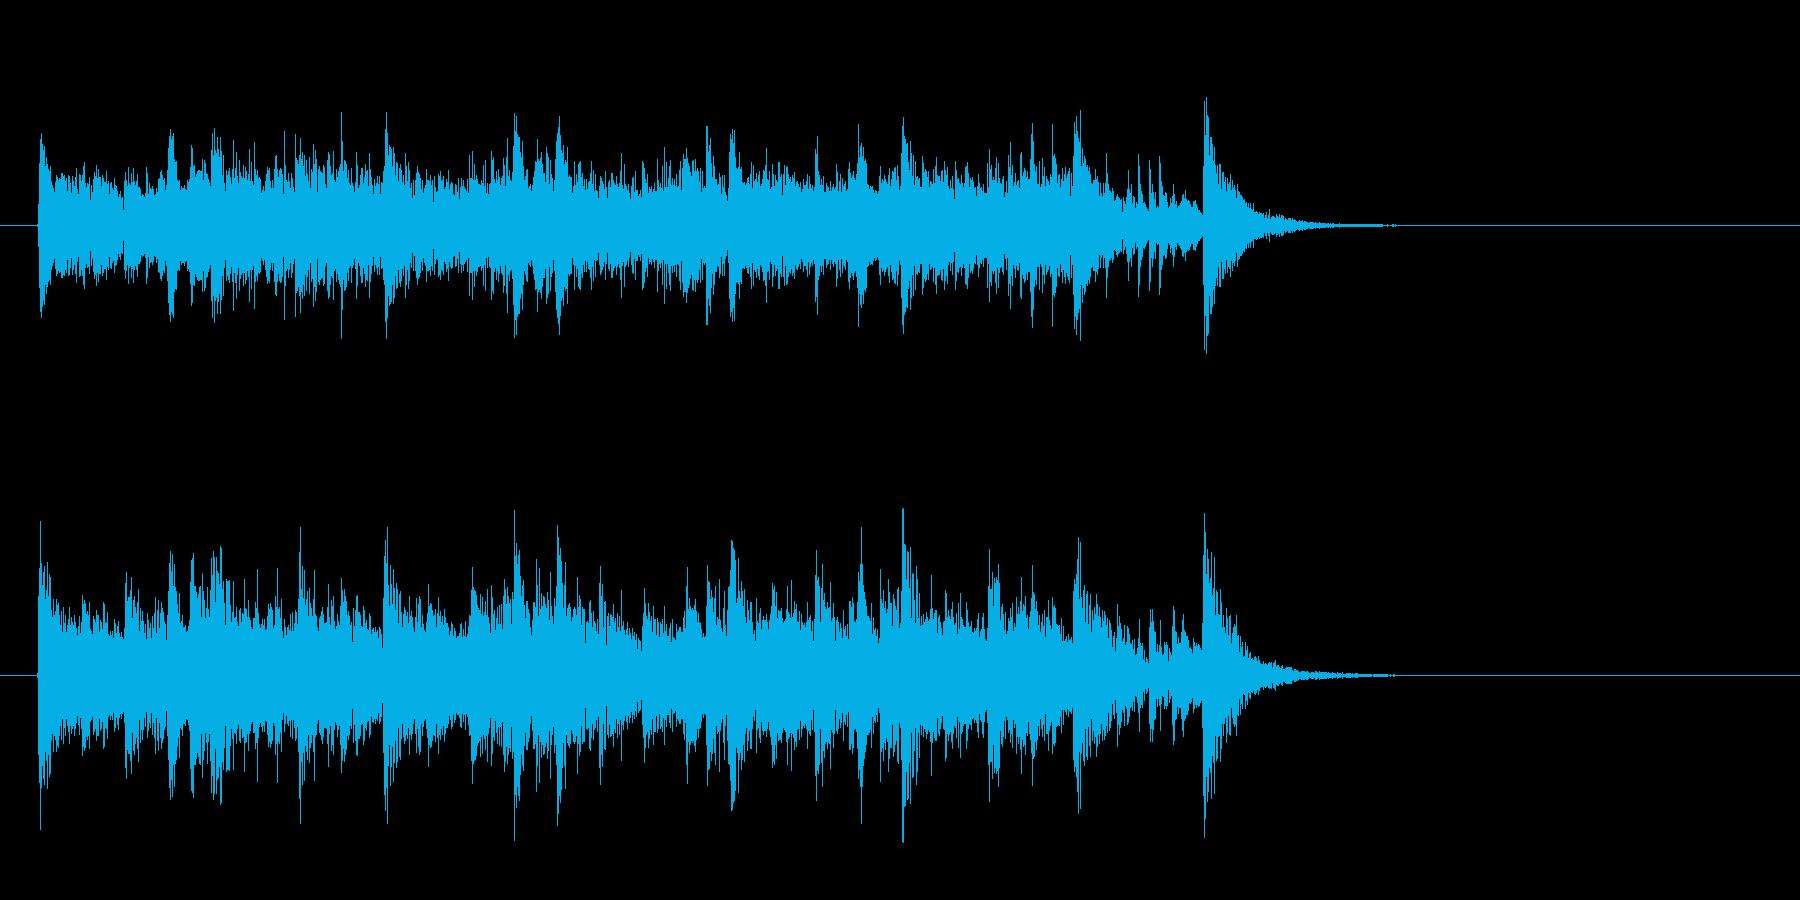 素朴なフォークポップス(イントロ)の再生済みの波形